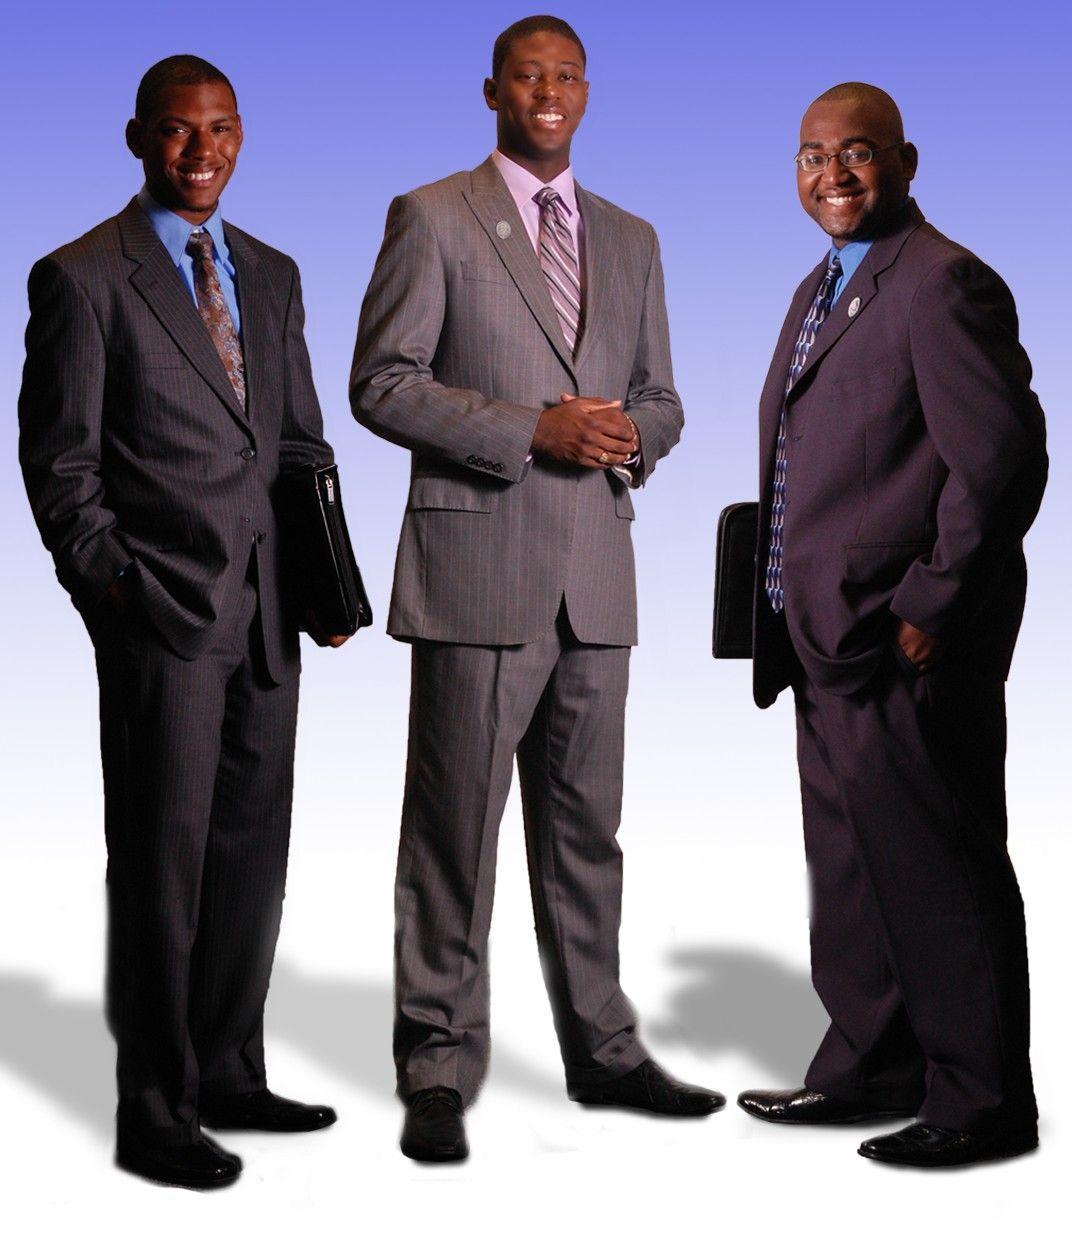 best images about dress for success gents 17 best images about dress for success gents dressing business professional attire and black suit men